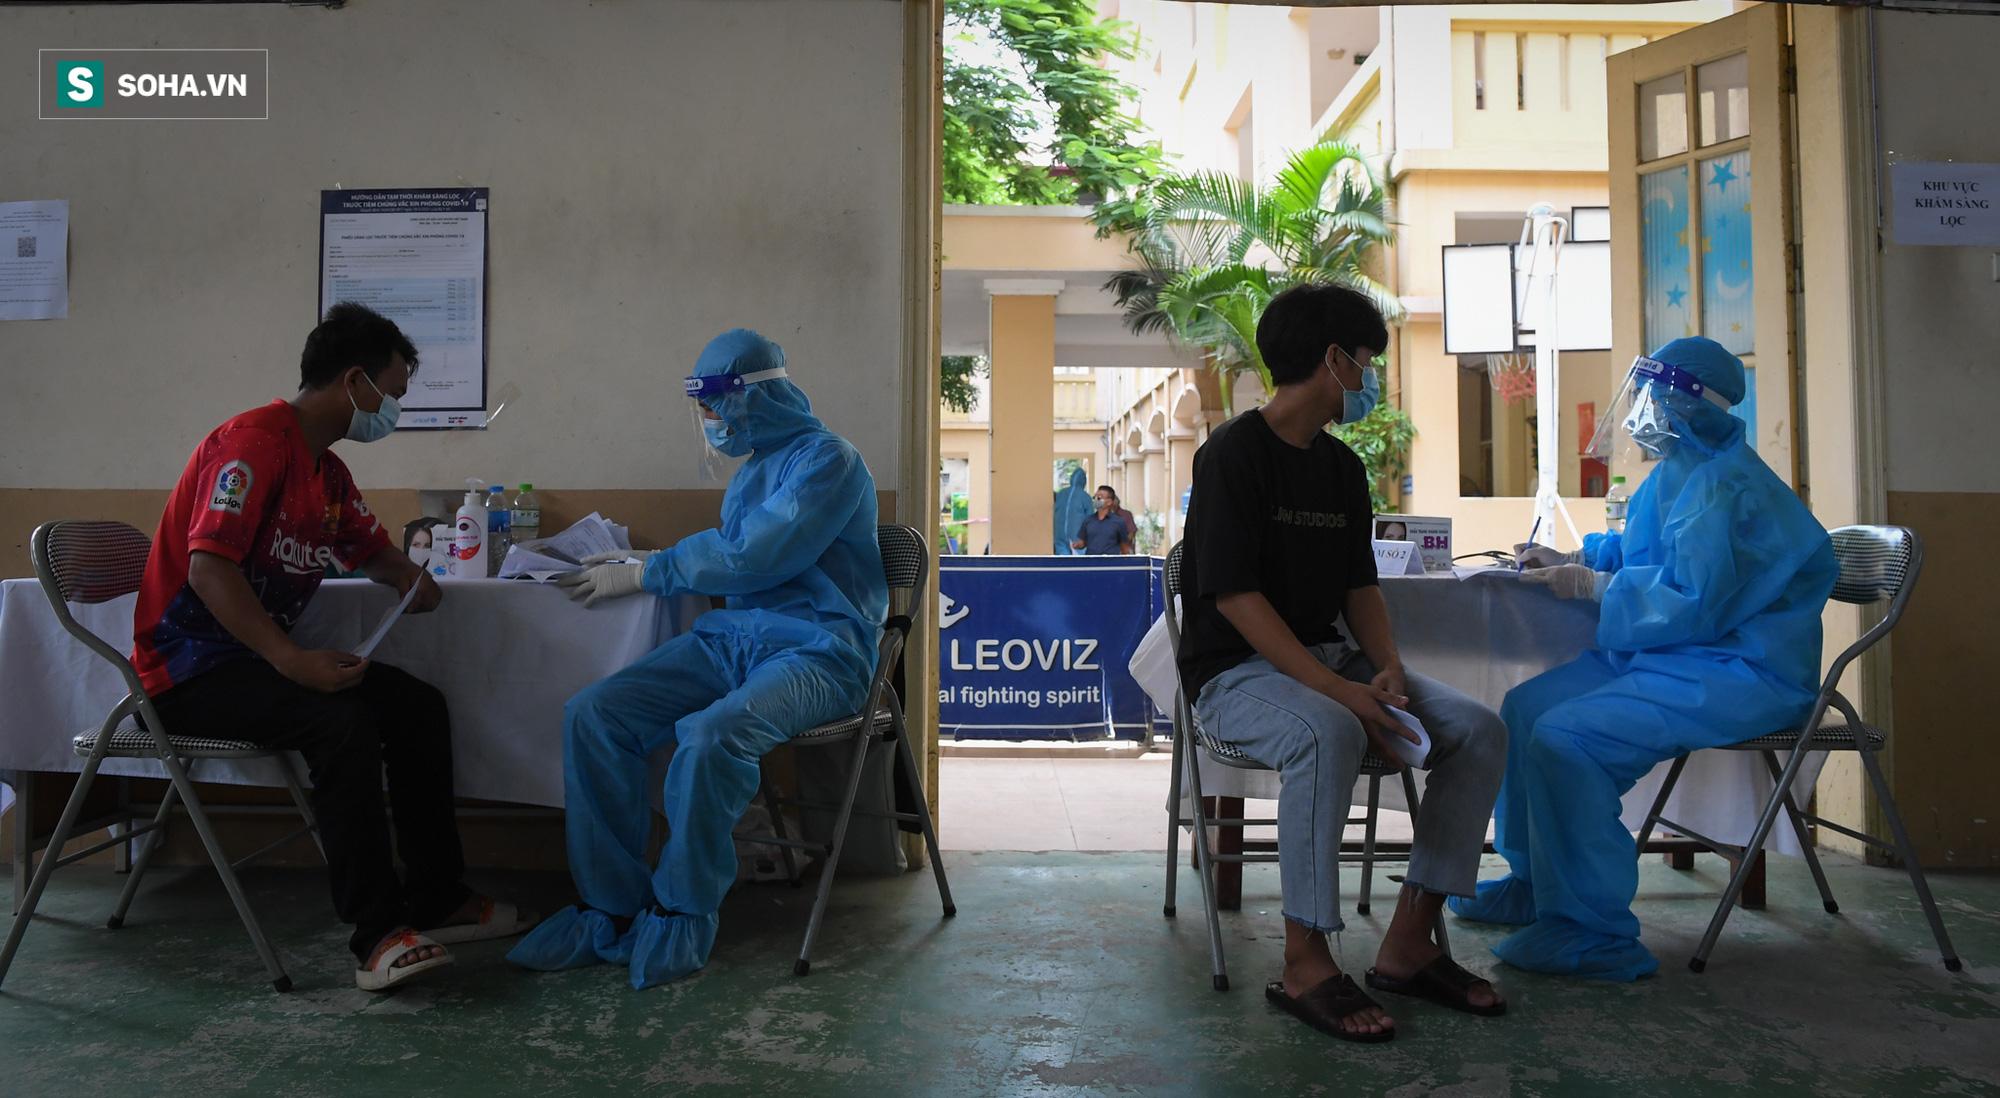 Phường ở Hà Nội tiêm vắc xin Covid-19 cho cả người không có giấy tờ tuỳ thân - Ảnh 8.